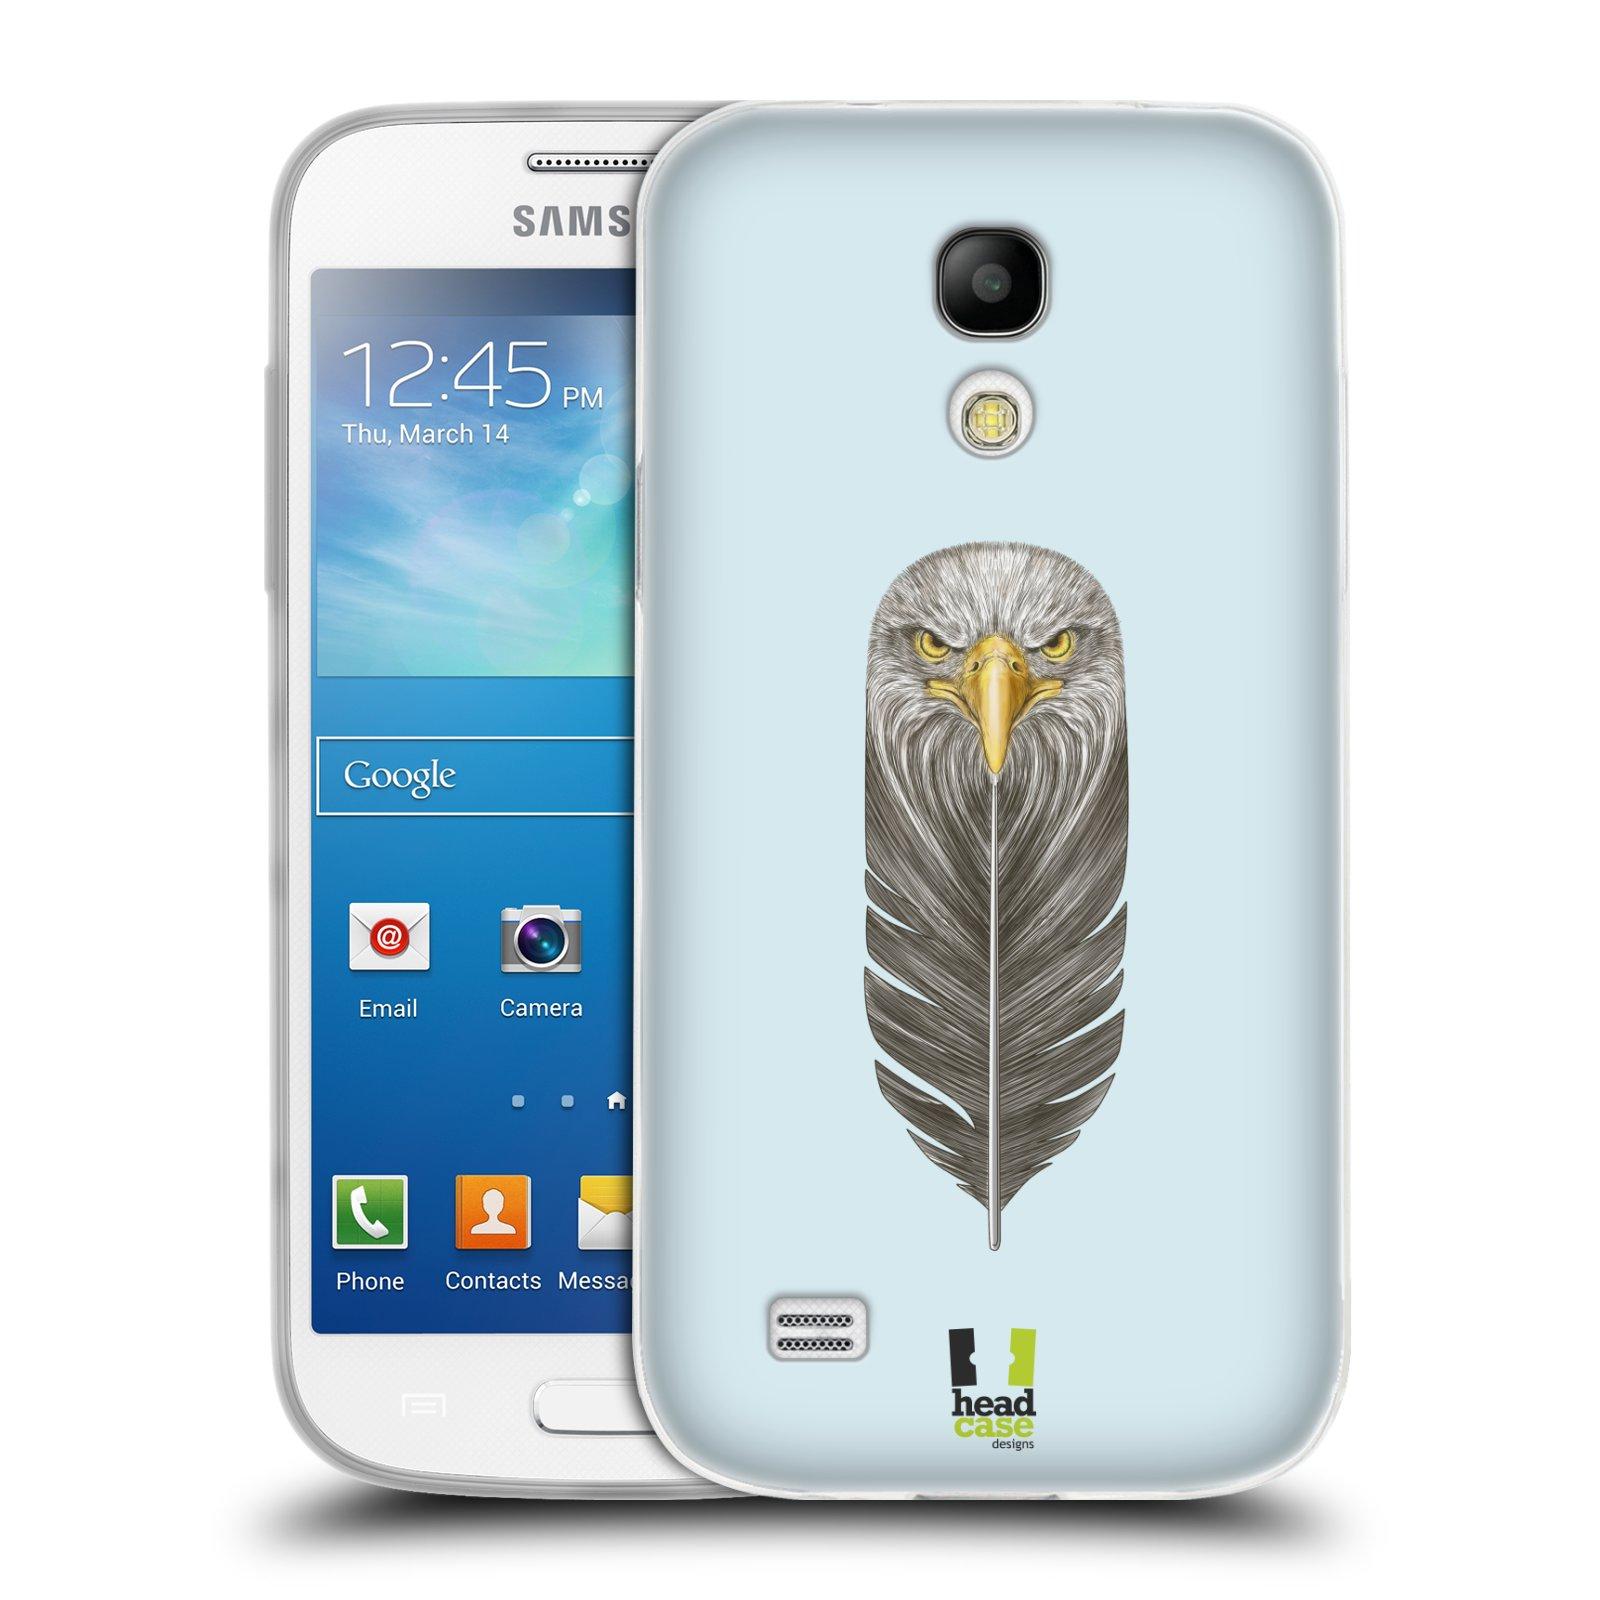 Silikonové pouzdro na mobil Samsung Galaxy S4 Mini HEAD CASE PÍRKO OREL (Silikonový kryt či obal na mobilní telefon Samsung Galaxy S4 Mini GT-i9195 / i9190 (nepasuje na verzi Black Edition))